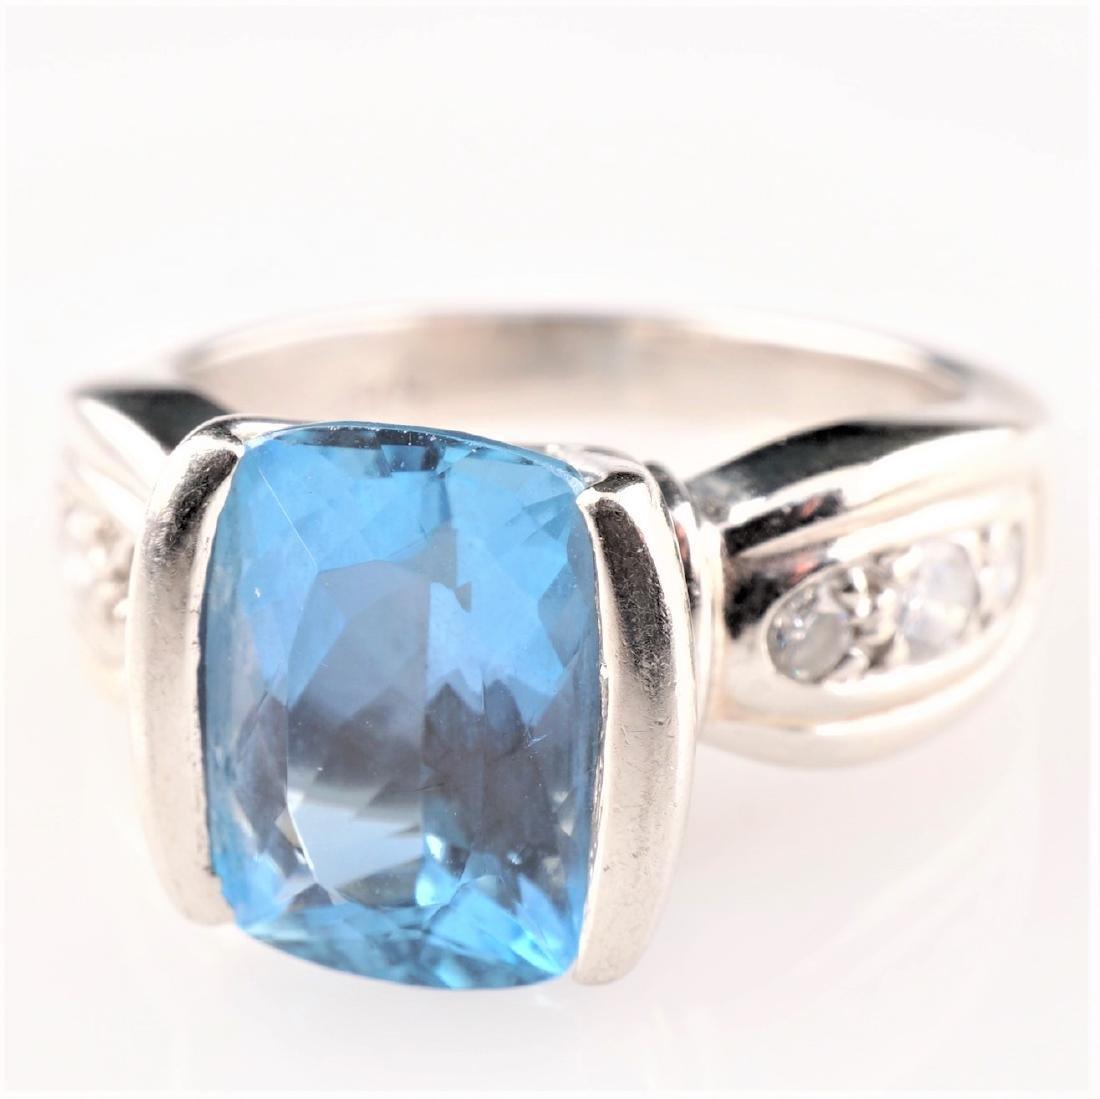 Heavy Aquamarine & Diamond Ring in Platinum sz 5.5